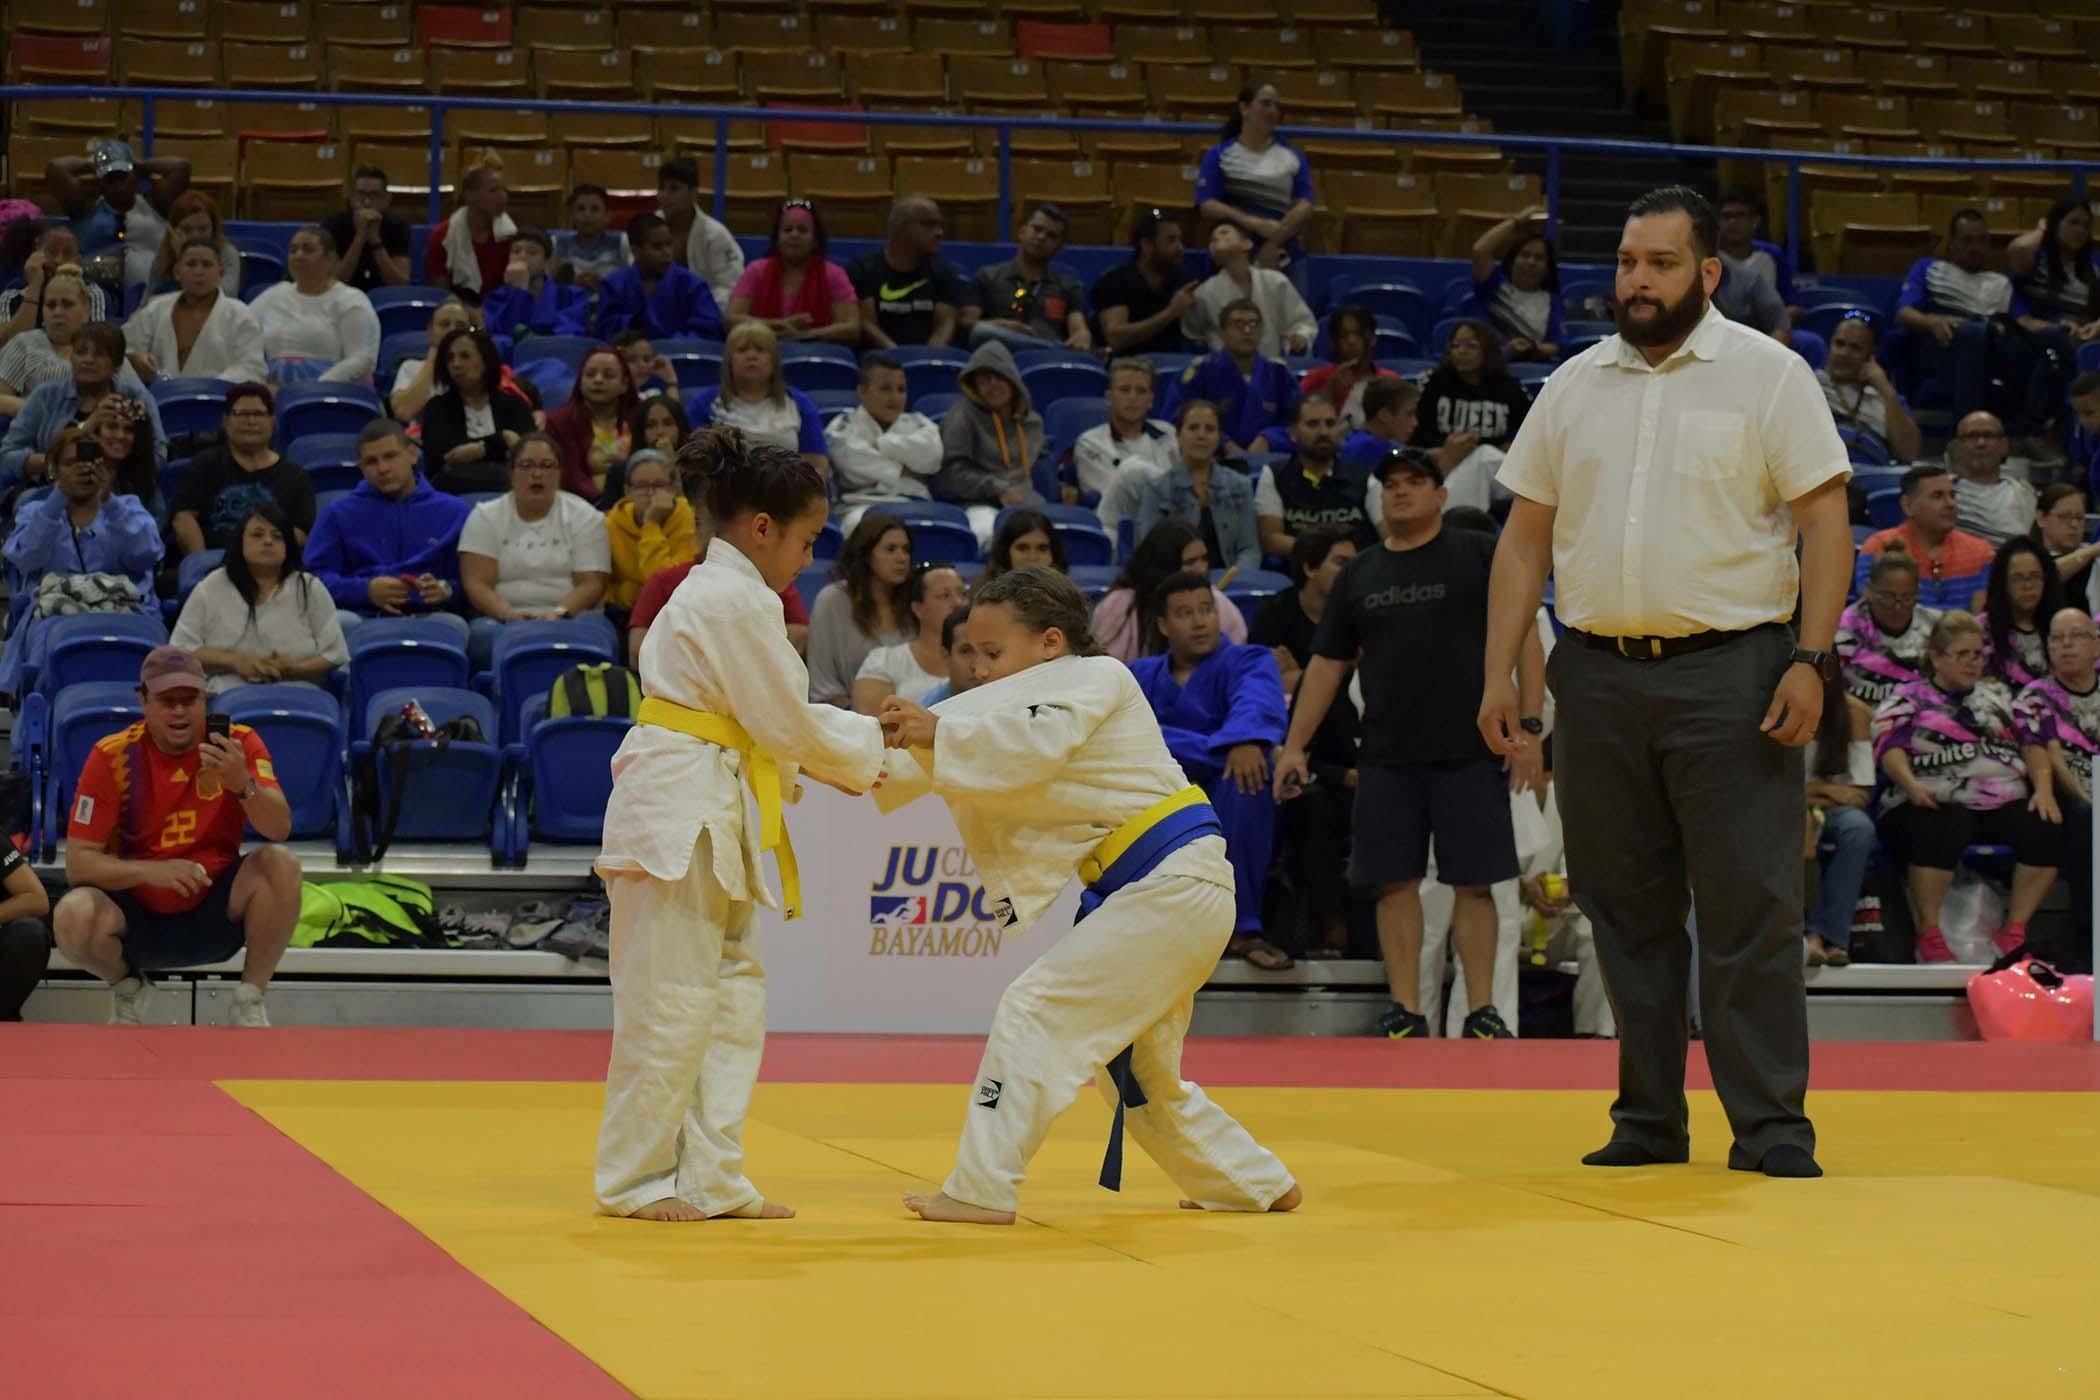 Competencia-JUDO-2019-26